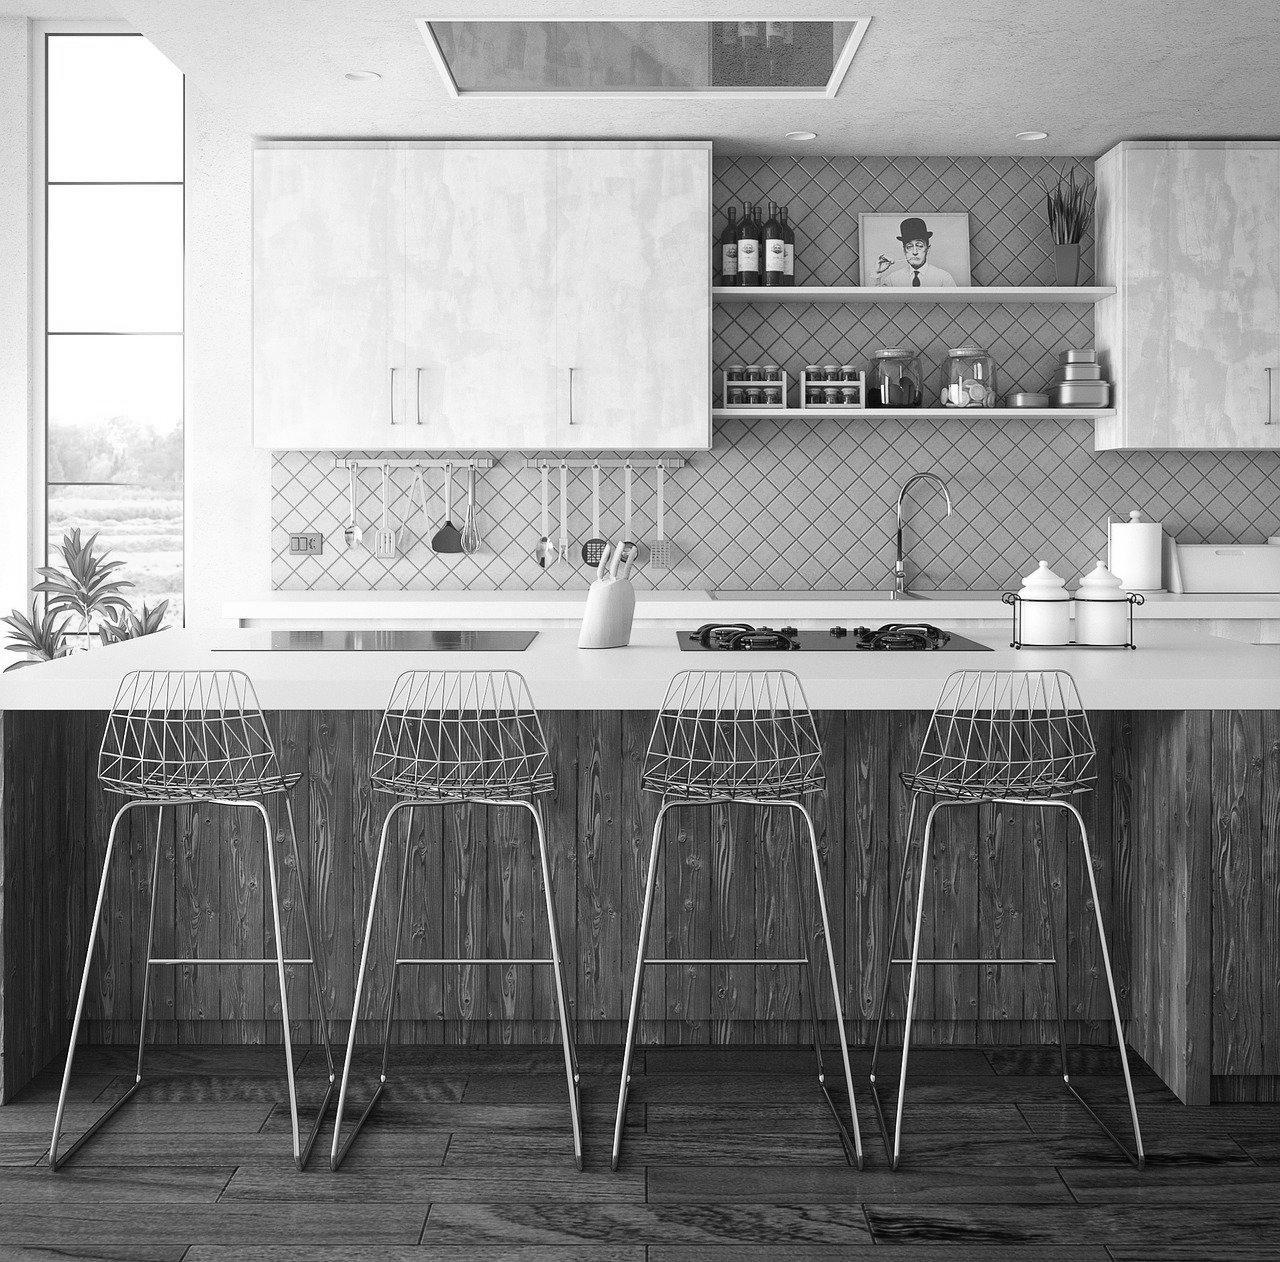 Rénovation de cuisine à Roche-la-Molière 42230 : Les tarifs